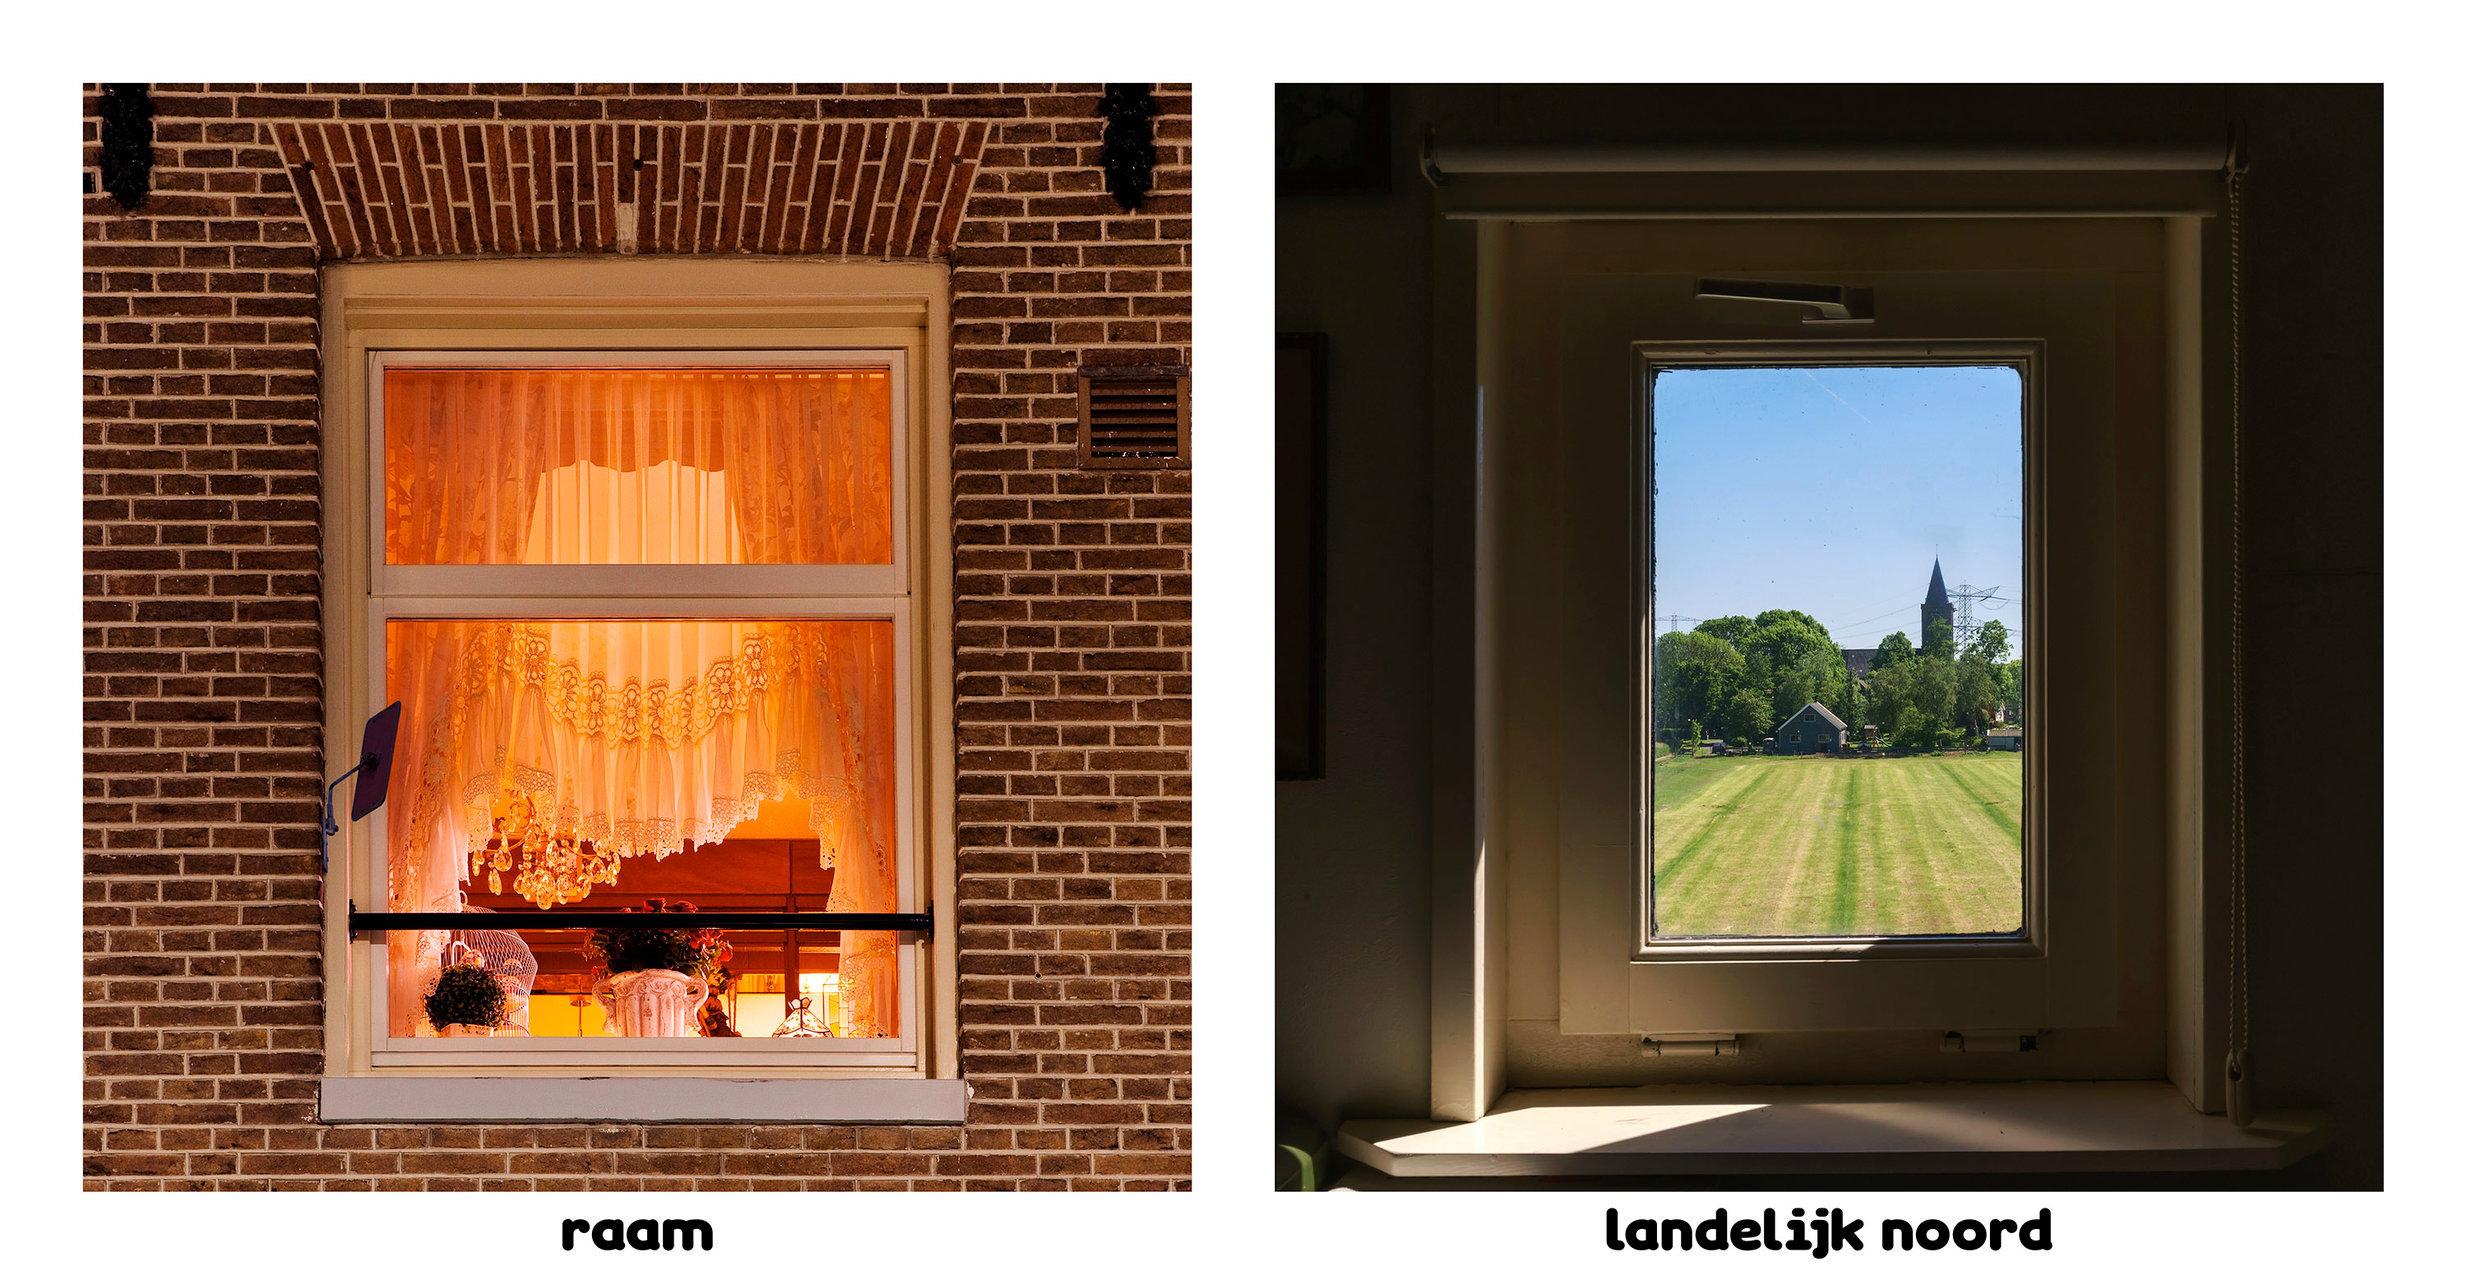 raam-landelijk noord Amsterdamsedingen Immink-Faber.jpg